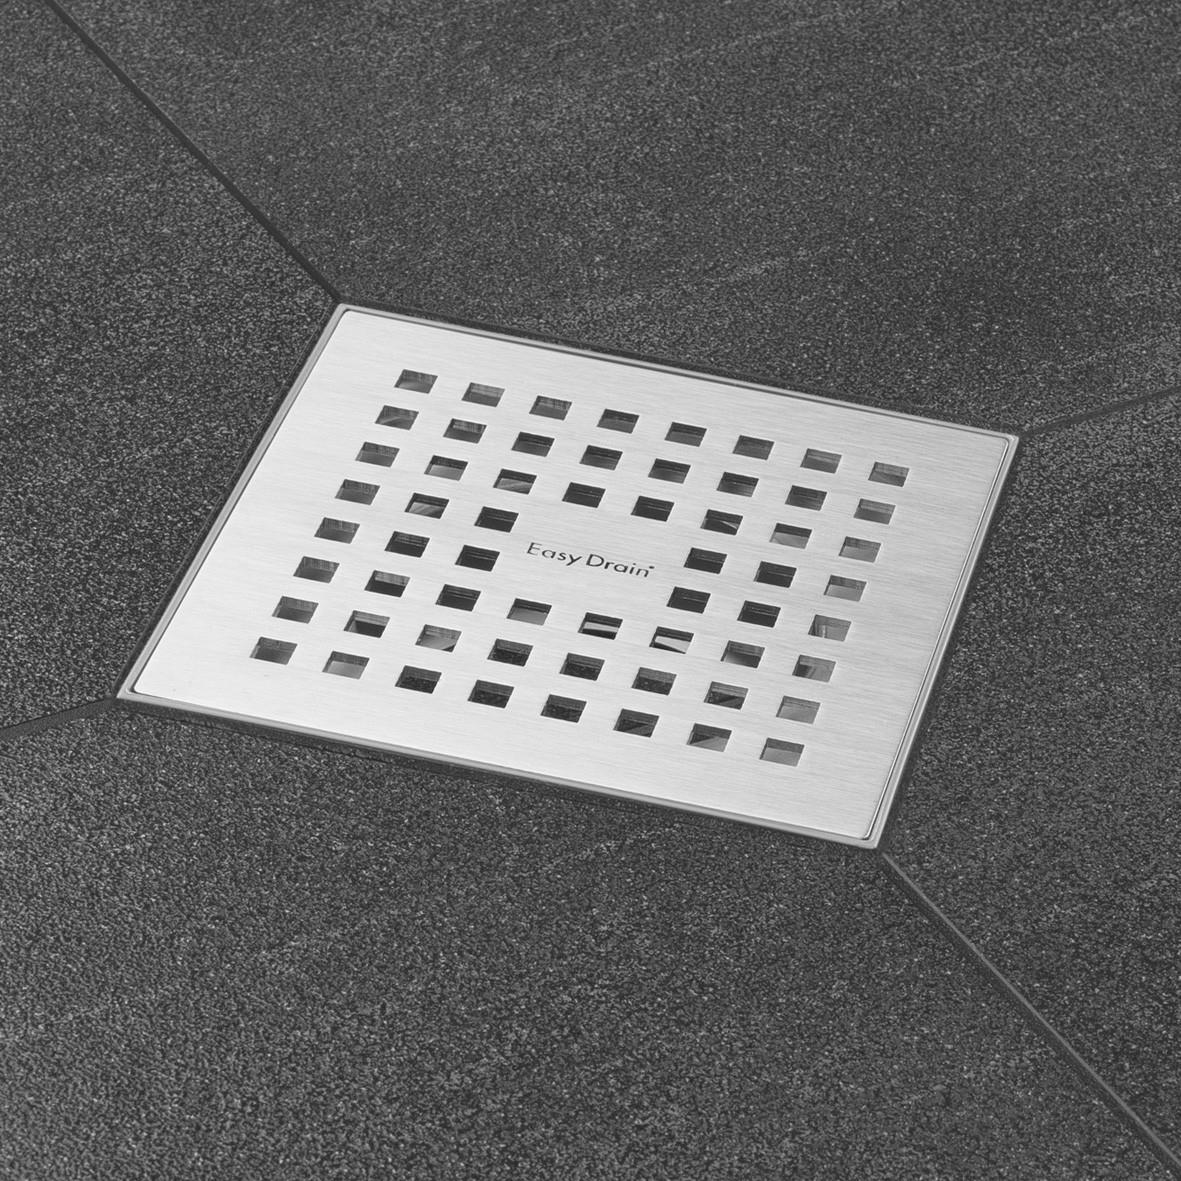 Easydrain Aqua quattro vloerput abs 15 x 15 cm. verticaal rvs geborsteld